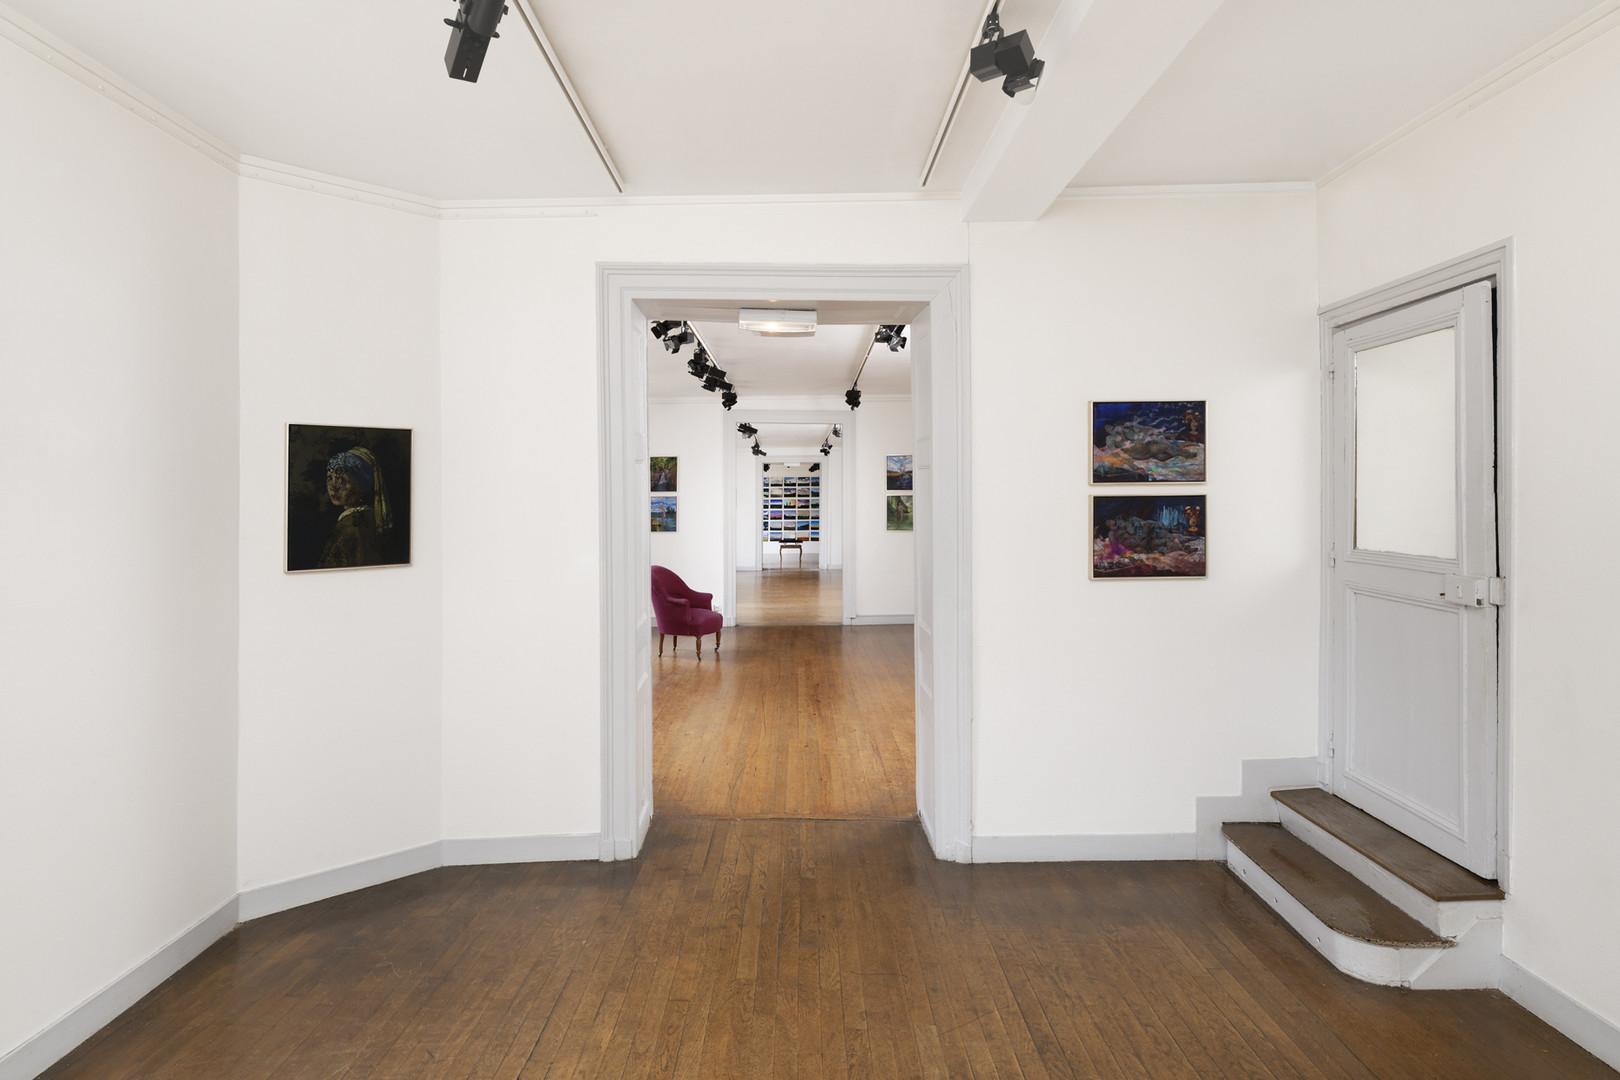 Vue de l'exposition d'Olivier Masmonteil - Photo Aurélien Mole